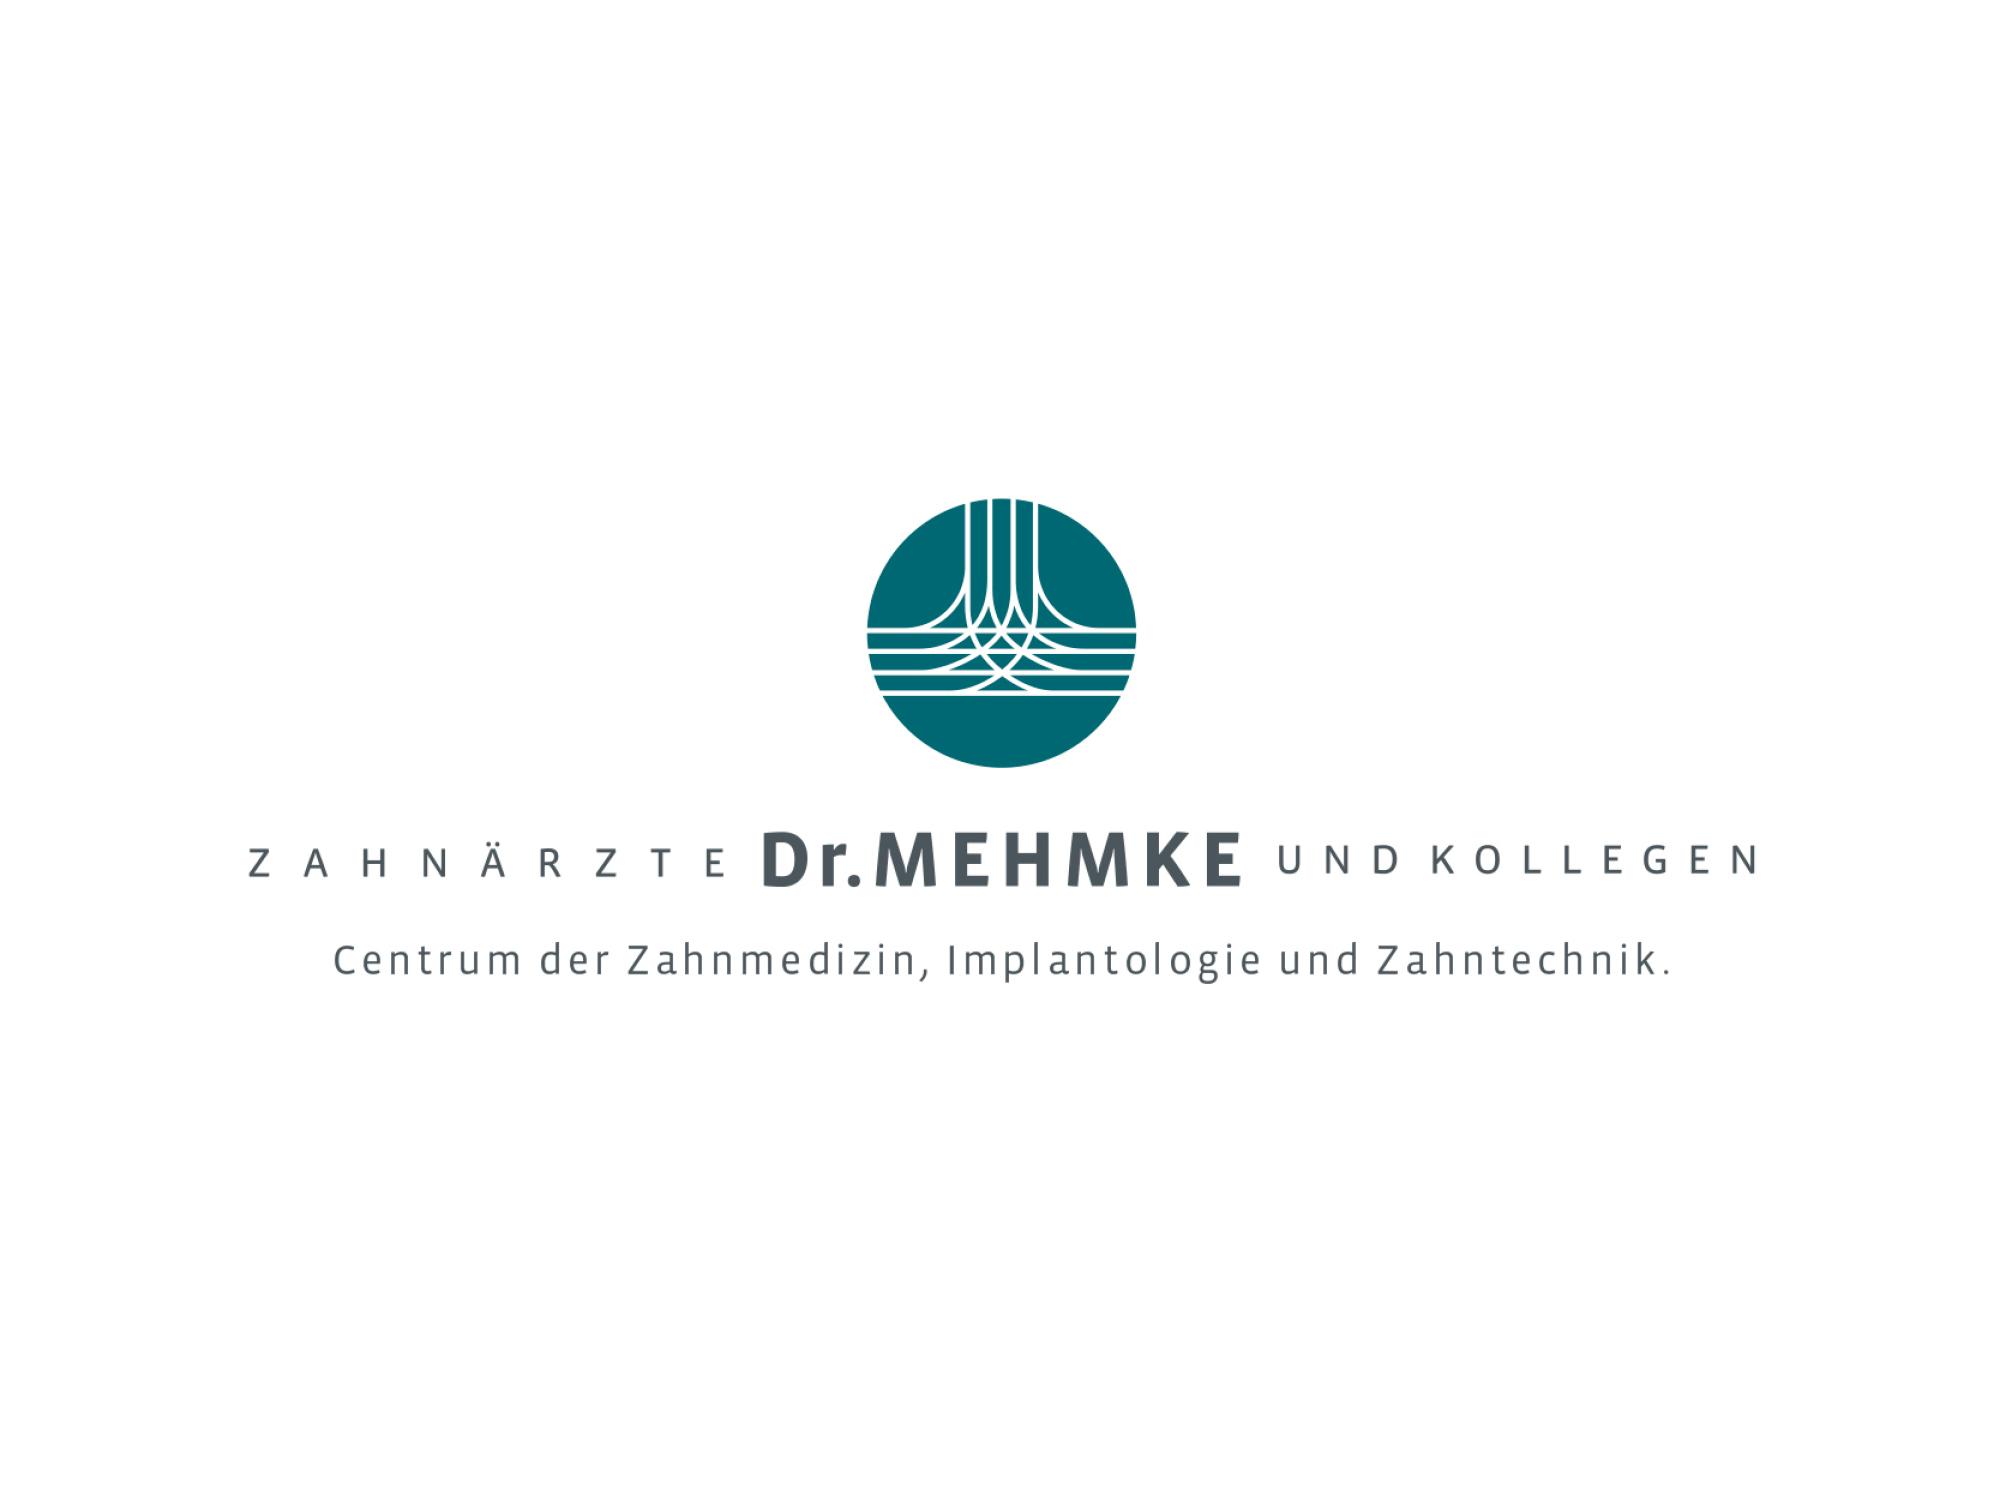 Dr. Mehmke & Kollegen